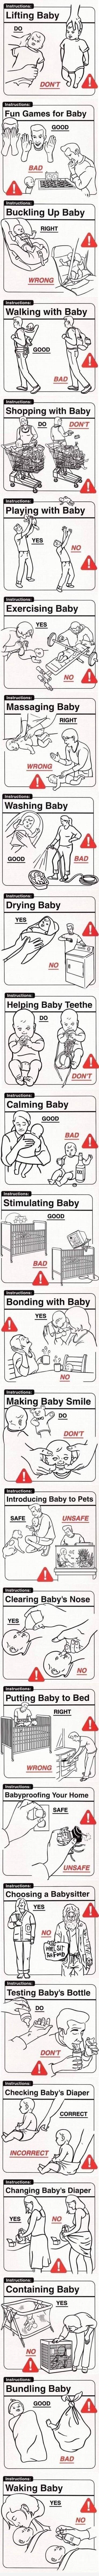 Für unerfahrene Väter...